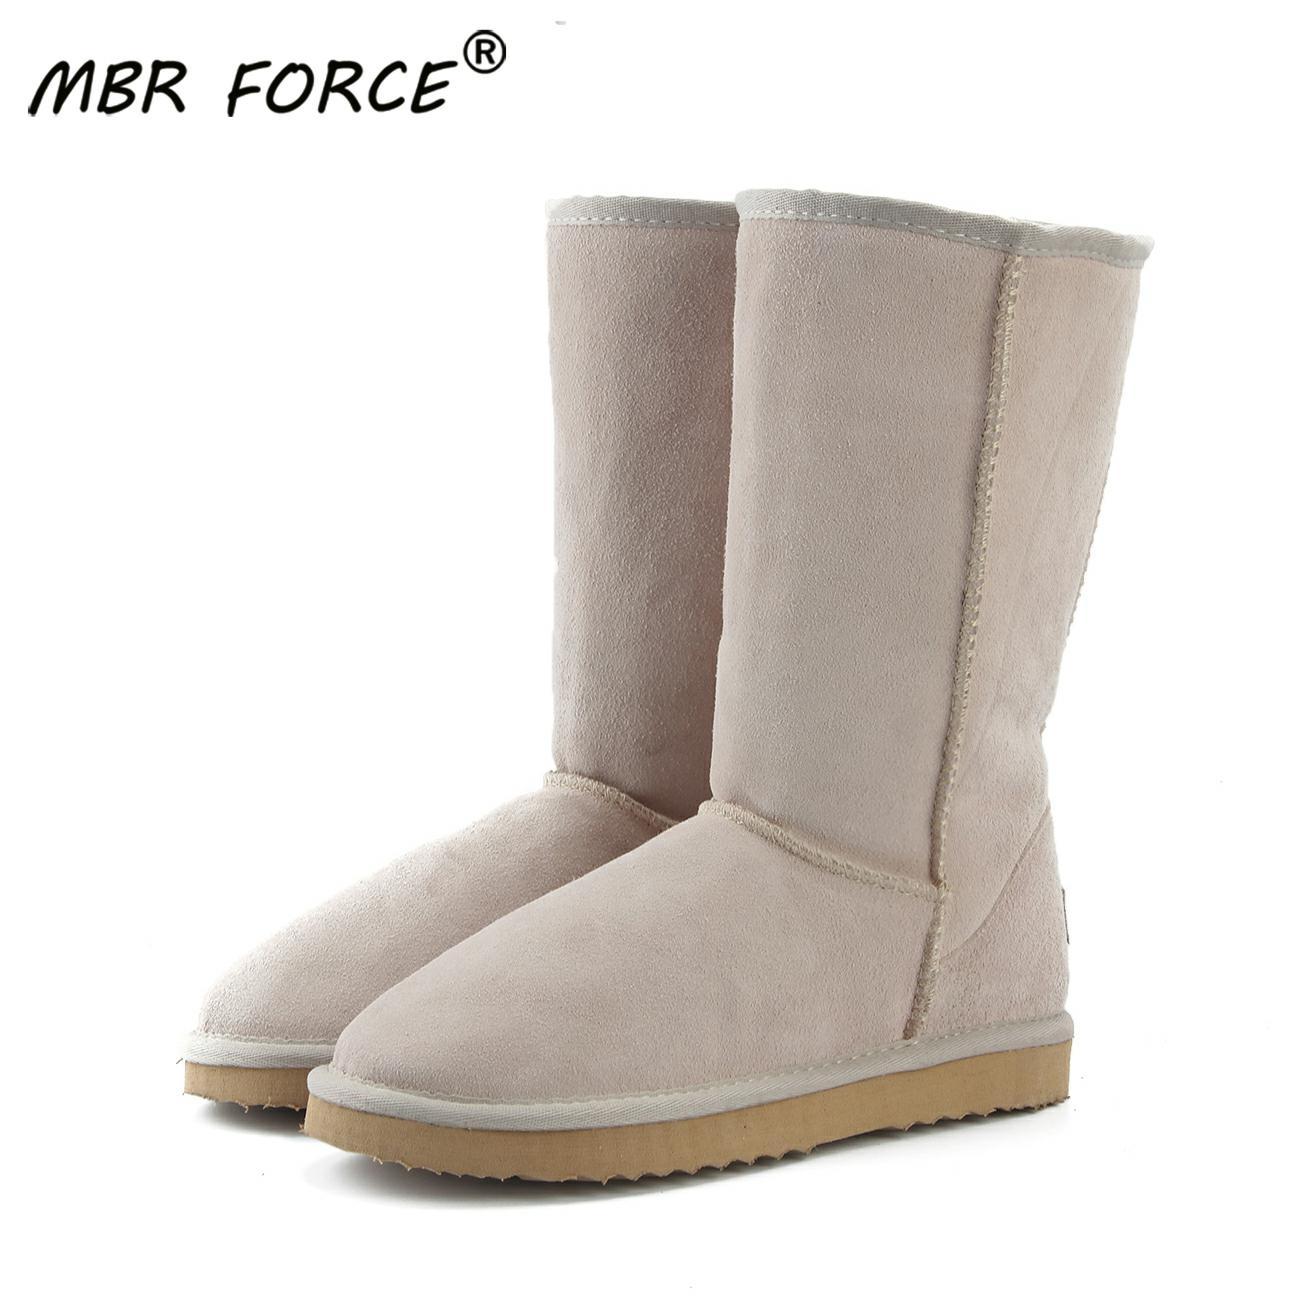 Mbr força clássico couro genuíno botas de neve de pele das mulheres de alta qualidade austrália botas botas de inverno para as mulheres joelho quente sapatos altos